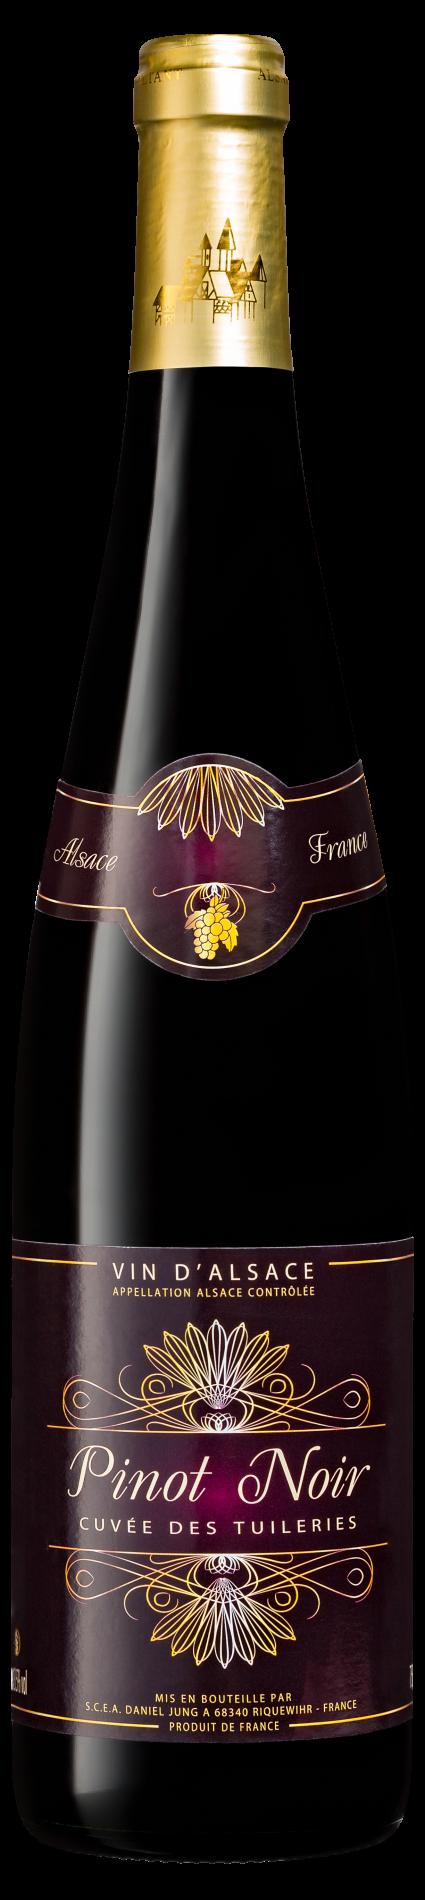 Pinot noir cuvée des tuileries SM Alsace